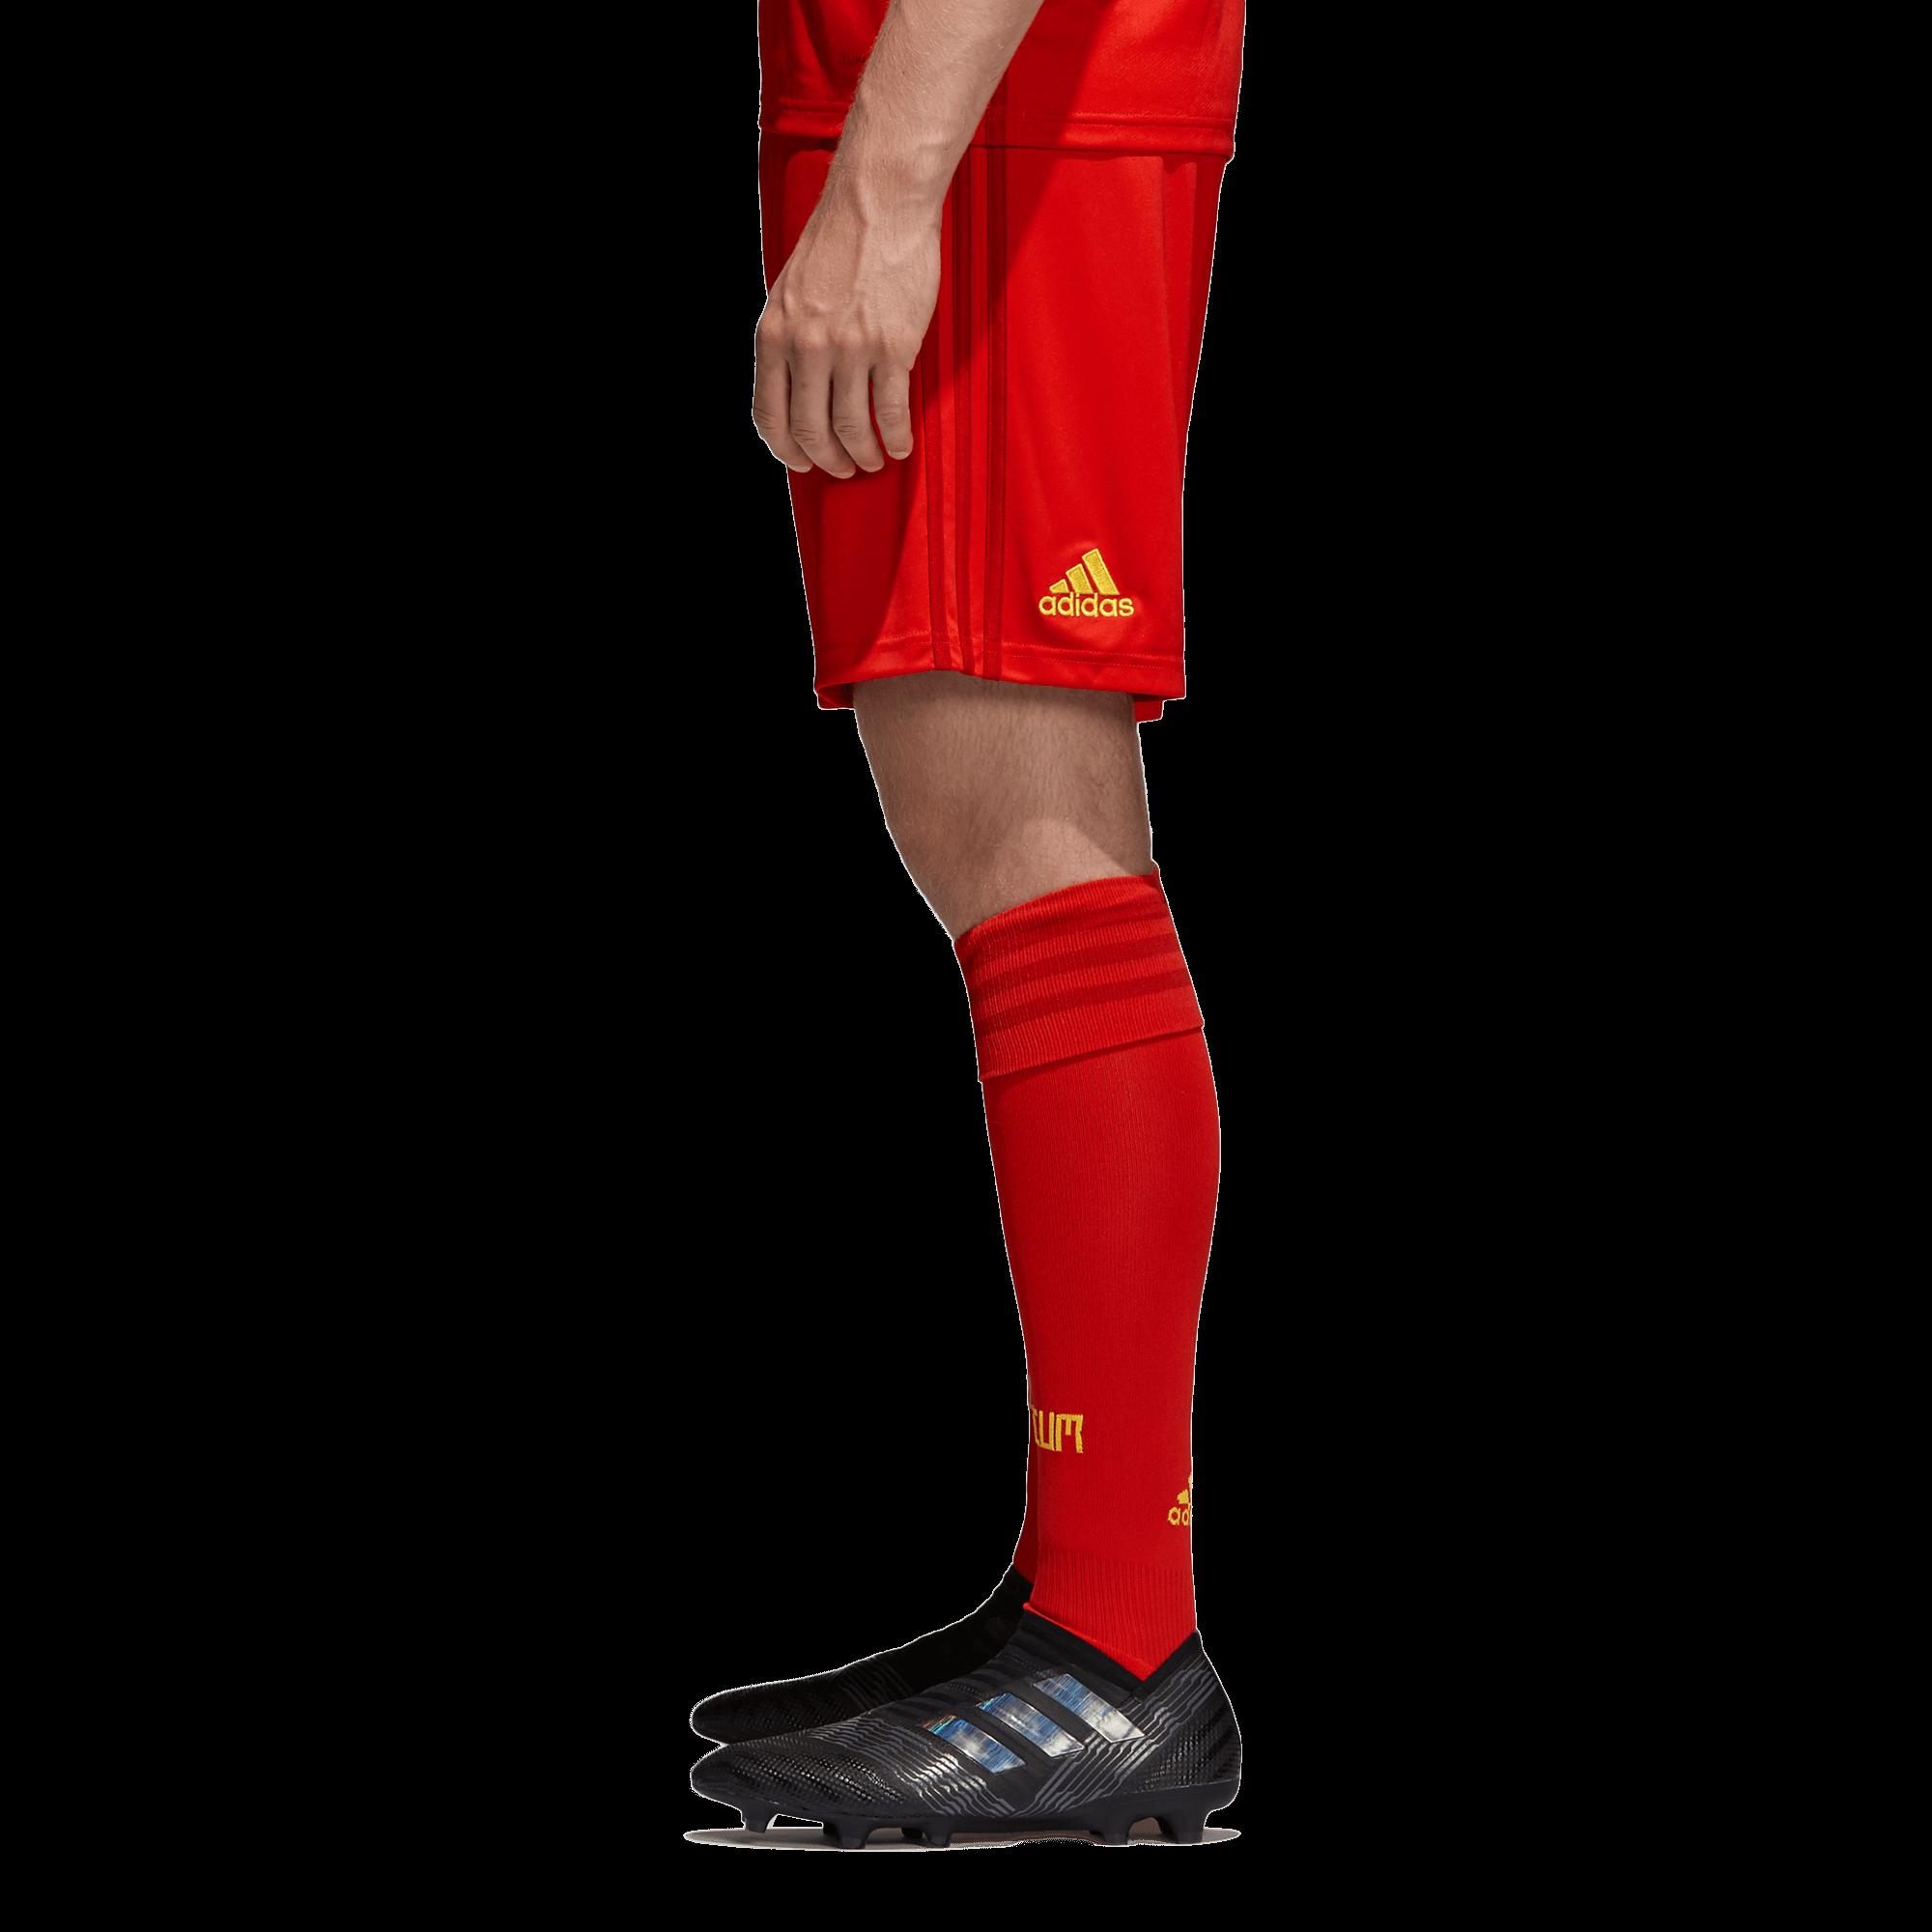 adidas België Thuisbroekje WK2018 zijkant